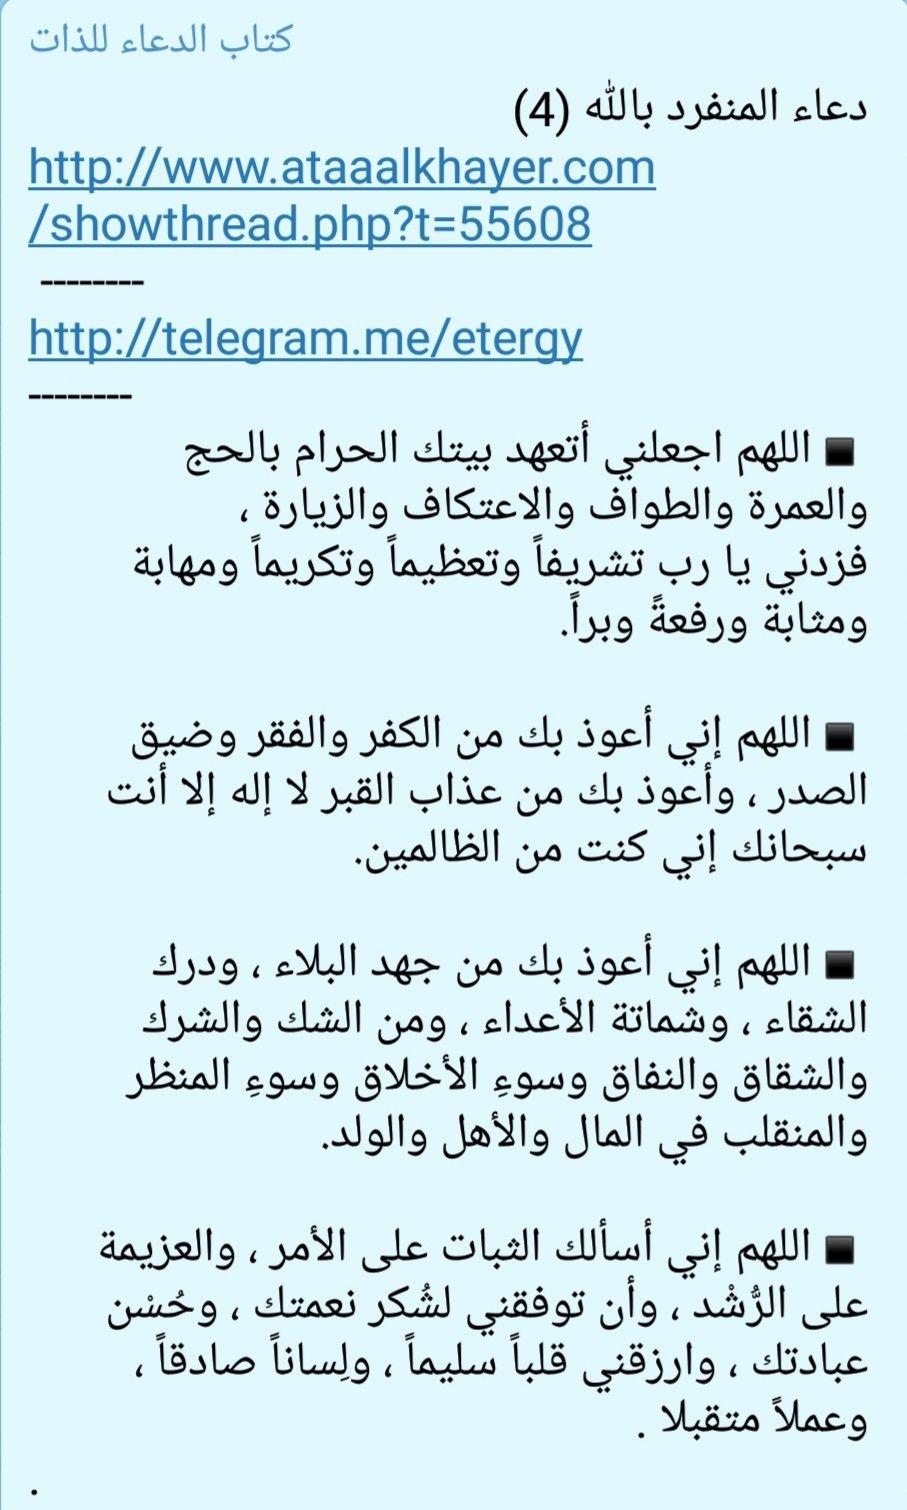 دعاء المنفرد بالله 4 Http Www Ataaalkhayer Com Showthread Php T 55608 Http Telegram Me Etergy اللهم اجعلني أتعهد بيتك الحرام بالحج وال